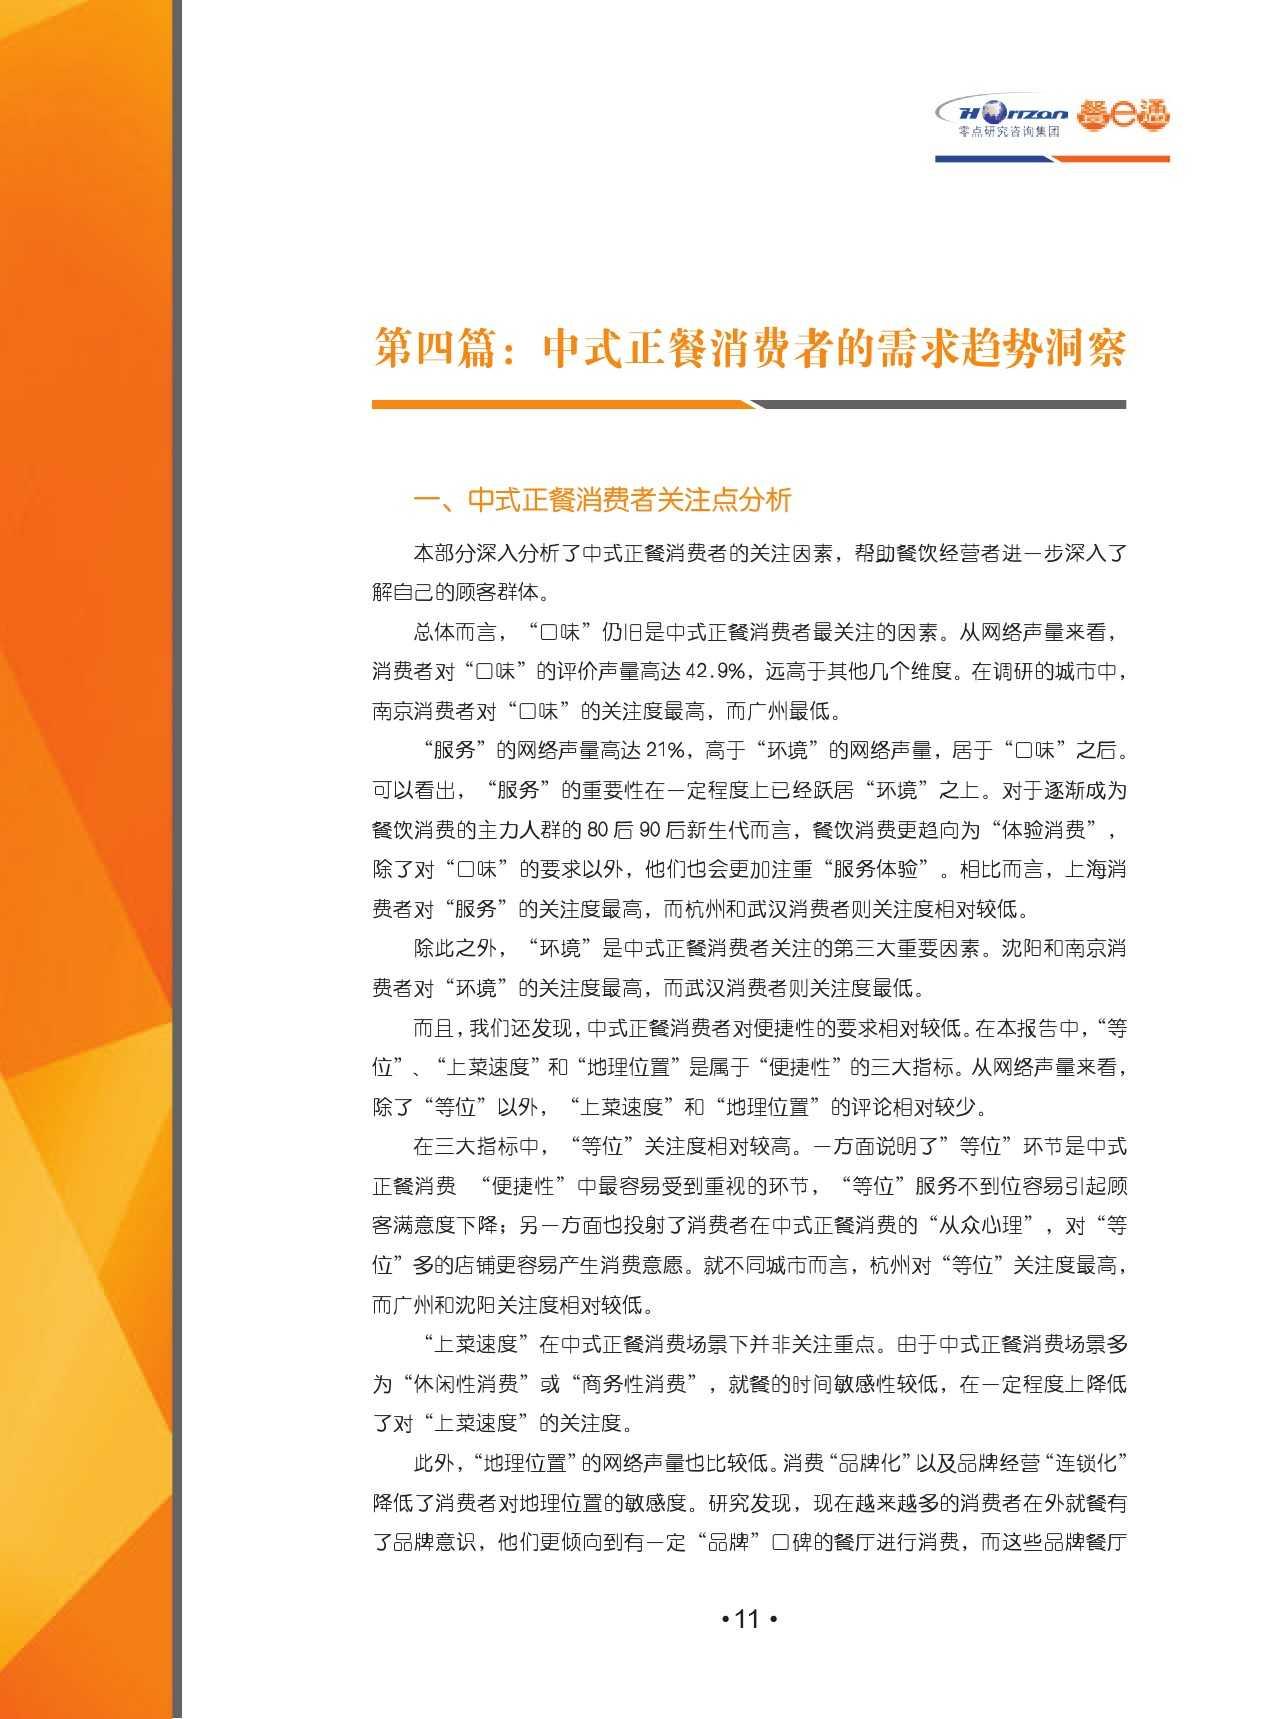 2015中国餐饮消费需求大数据分析报告_000013